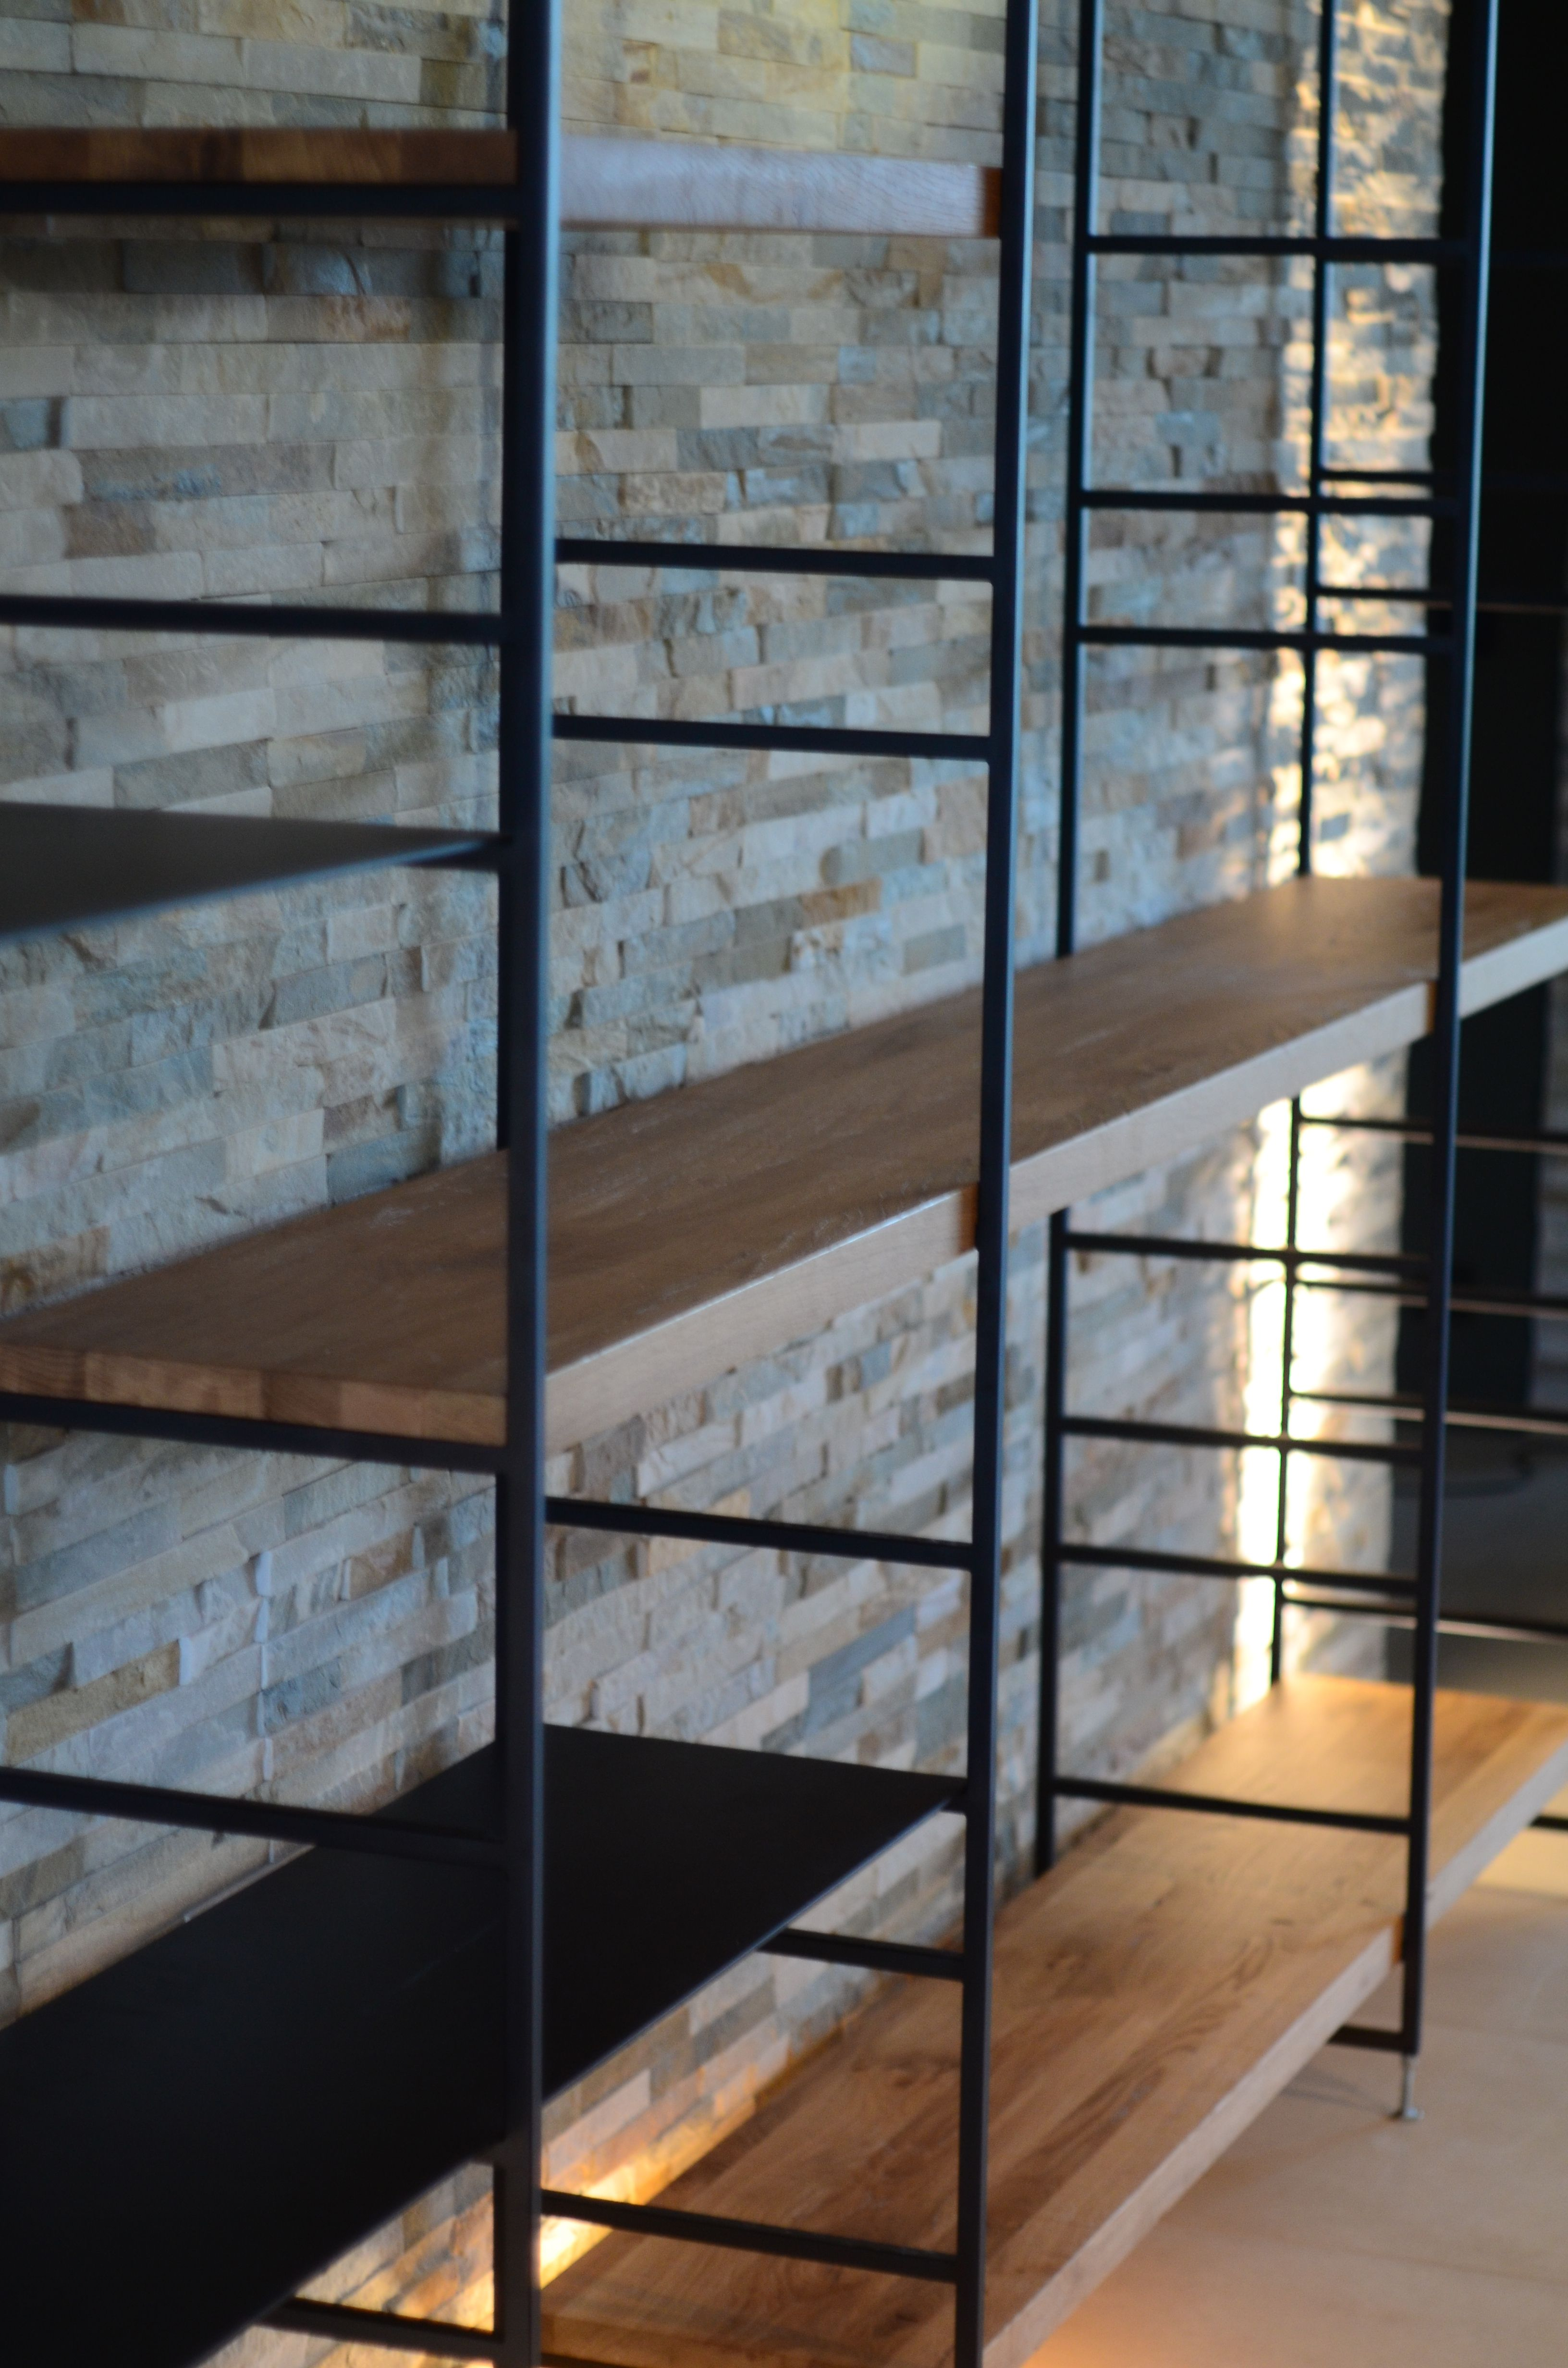 Design Sur Mesure Artisanat Robi Mobilier Meuble Bibliotheque Salon Maison Appartement Bois Acier Contemporain Decoration Acier Bois Bois Design